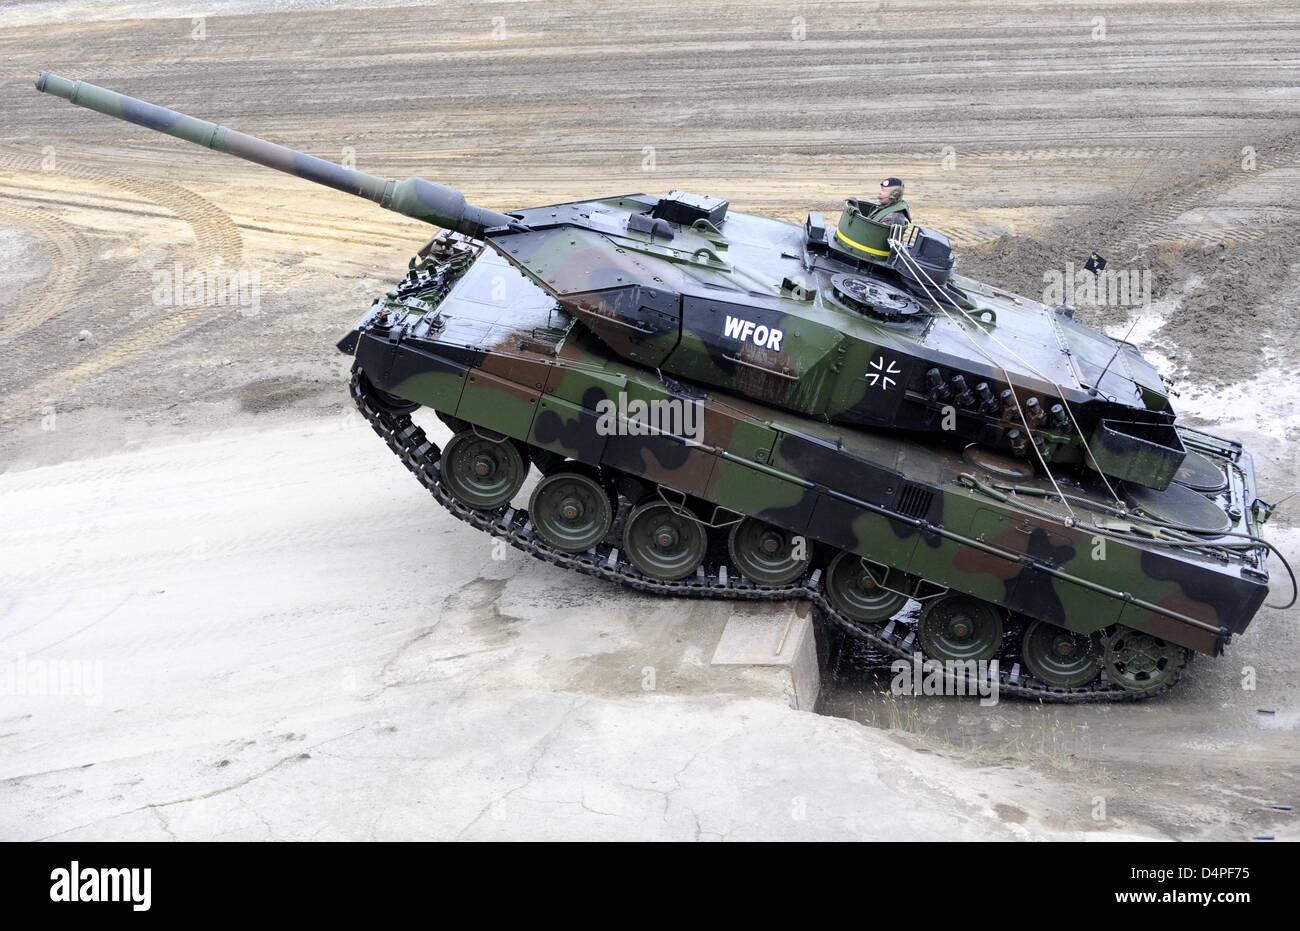 ein panzer der bundeswehr leopard 2 a6 kreuzt ein hindernis w hrend des man vers werbung die. Black Bedroom Furniture Sets. Home Design Ideas